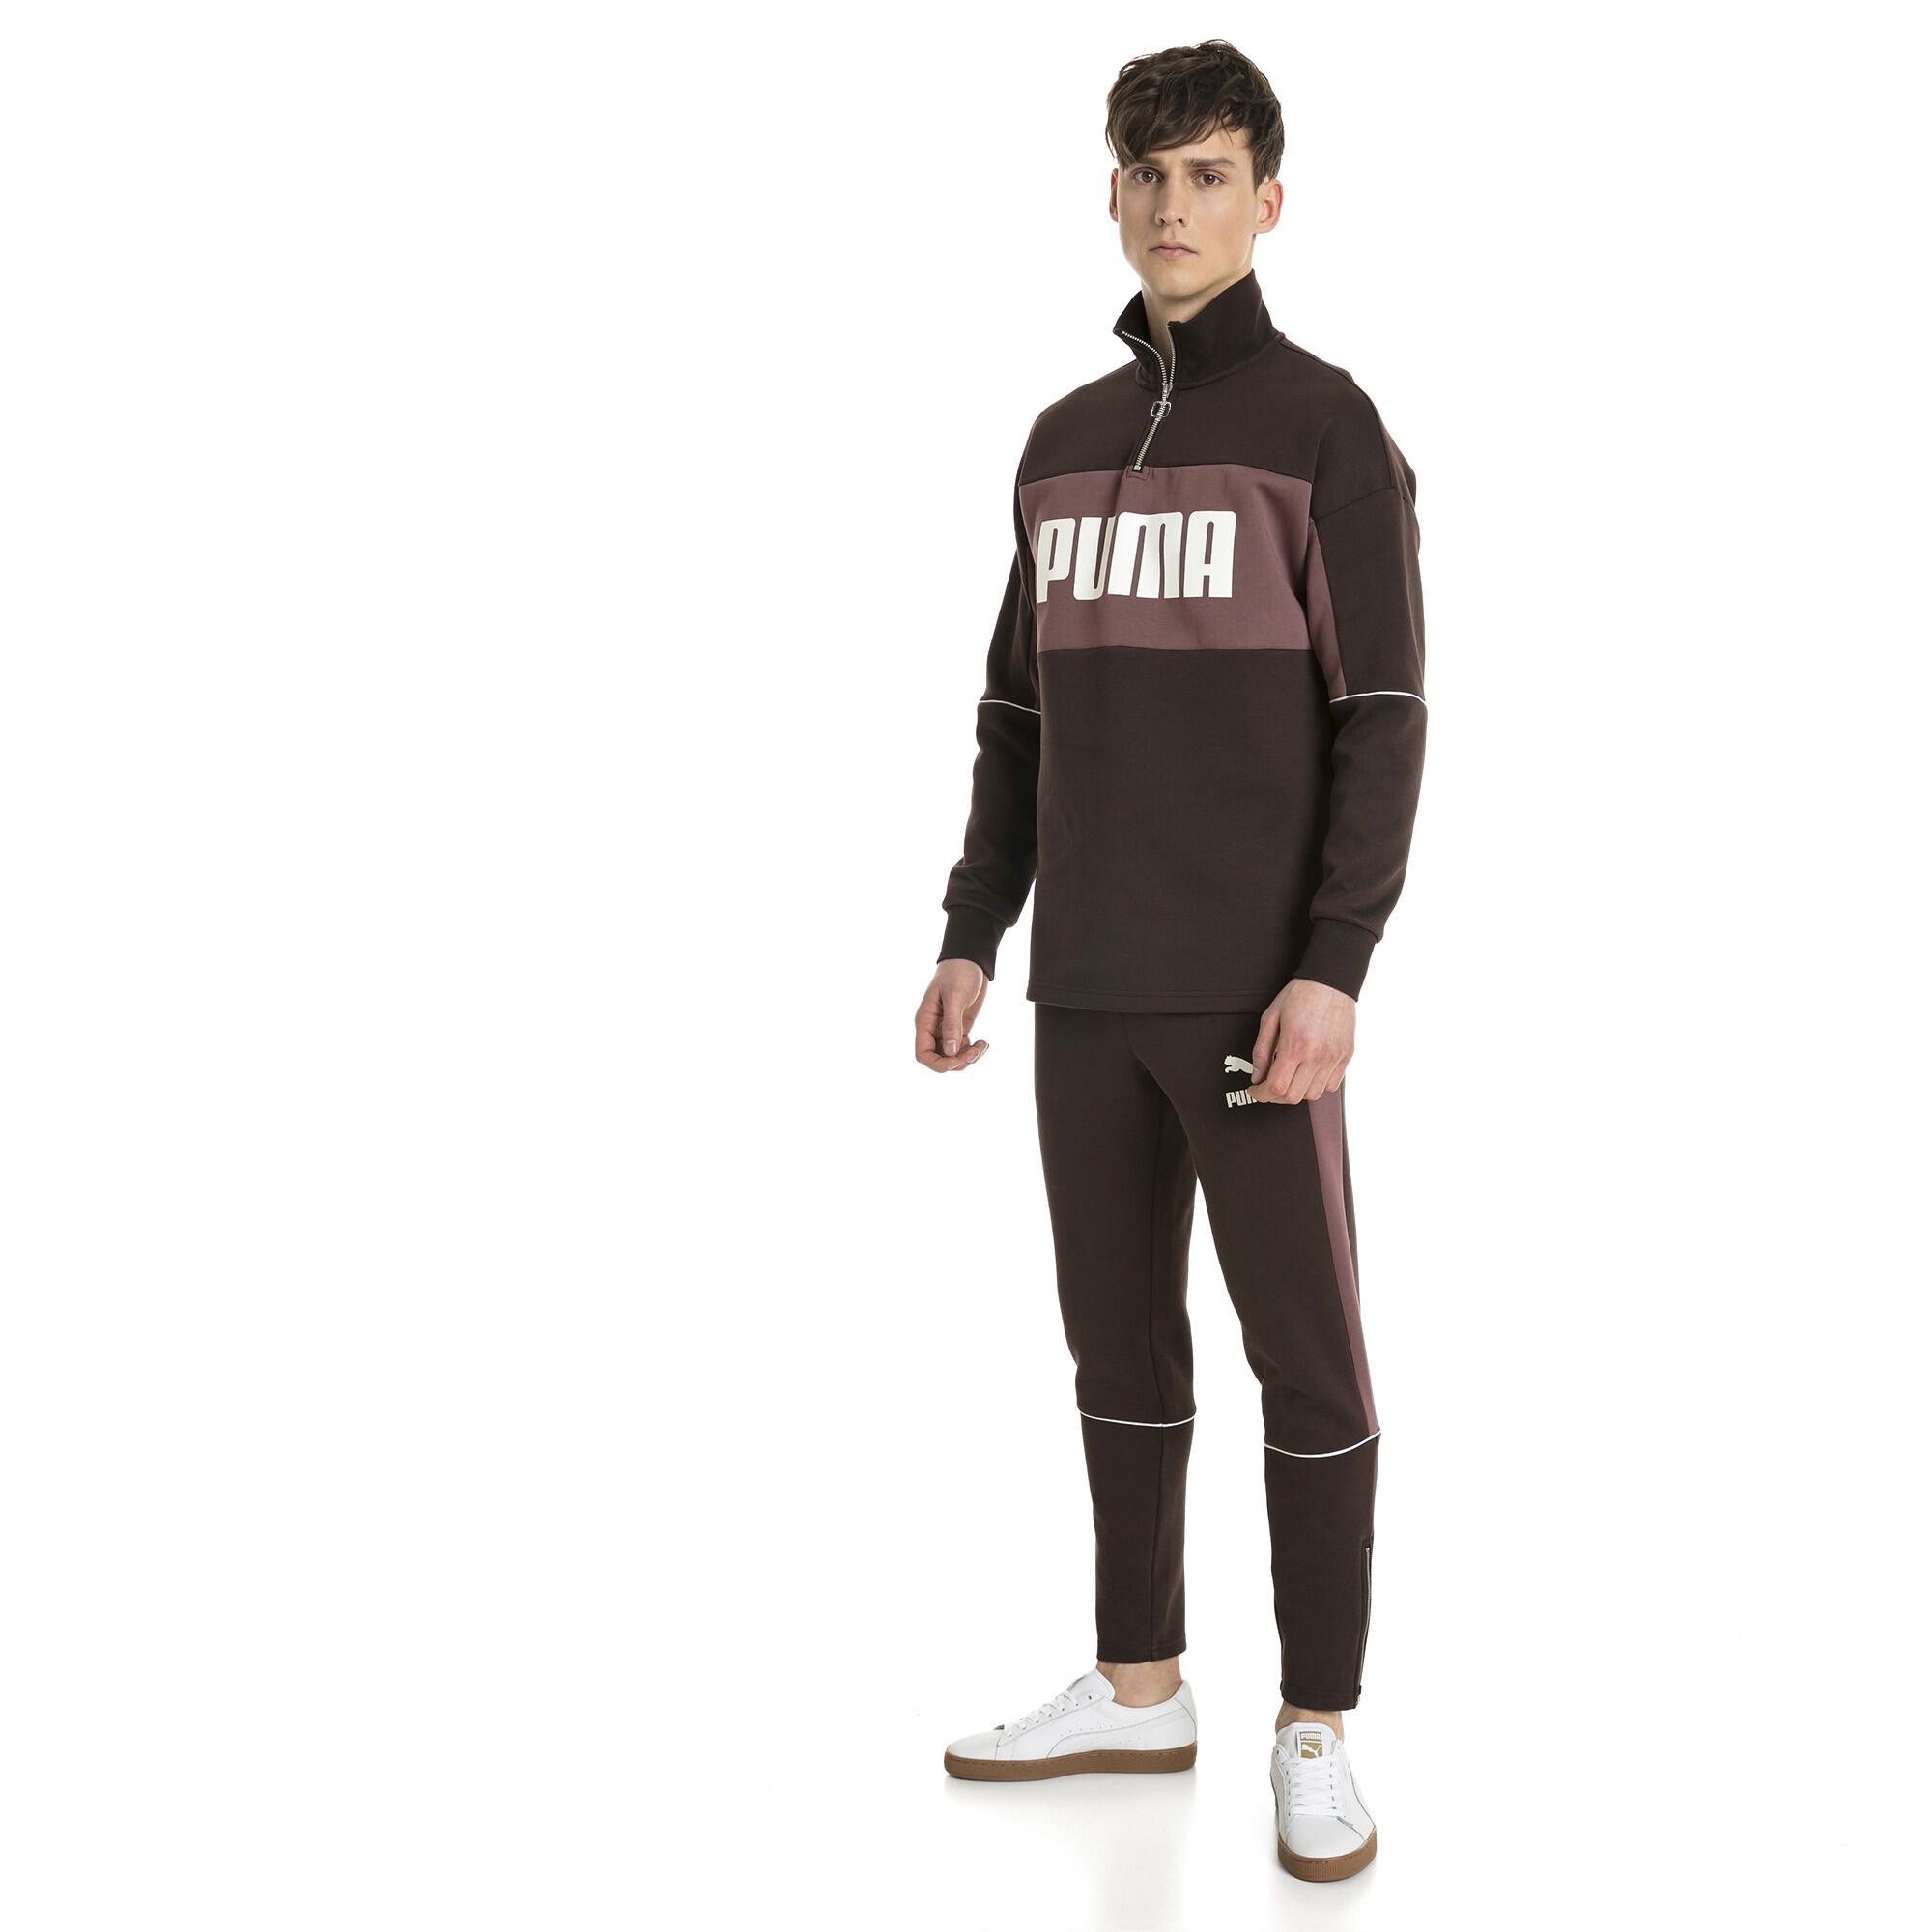 Image Puma Retro Quarter Zip Turtleneck Men's Pullover #3